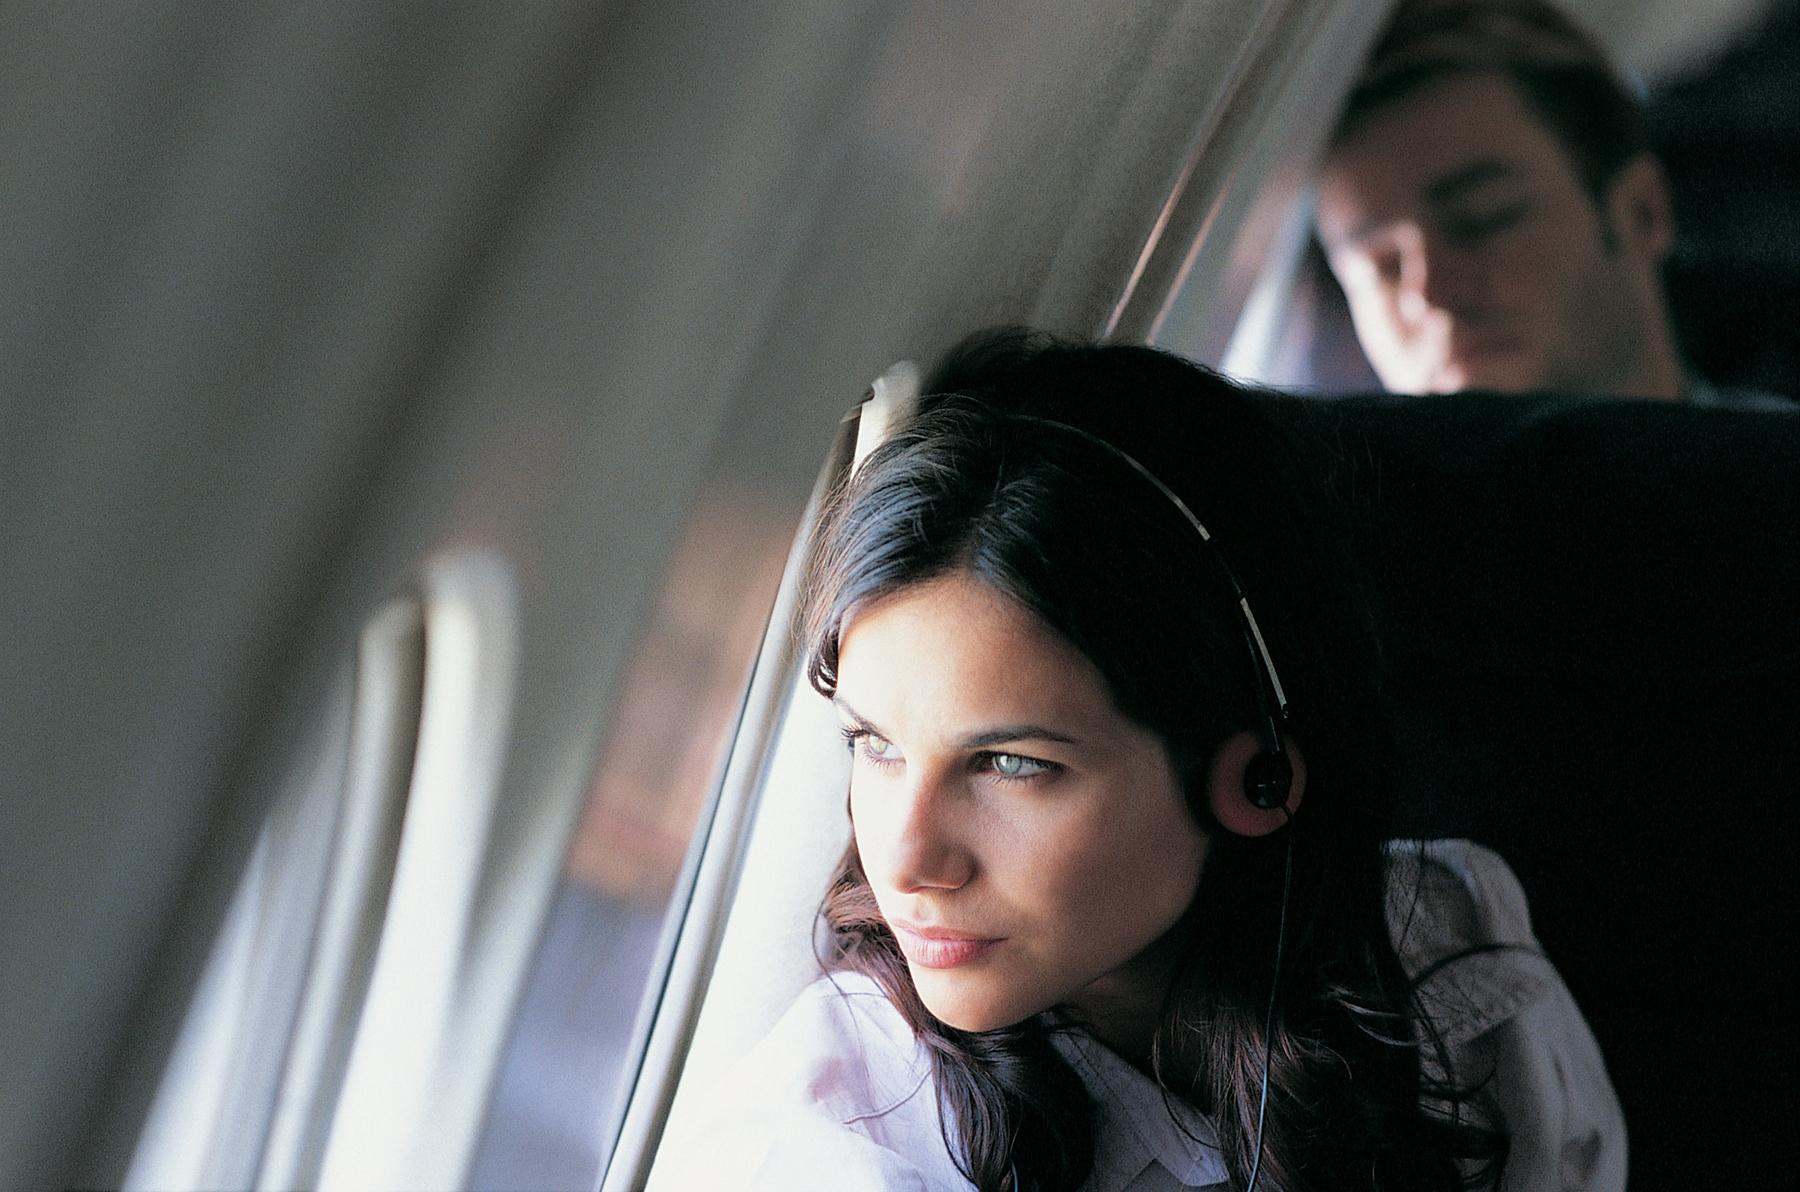 Urządzenia elektroniczne w samolocie